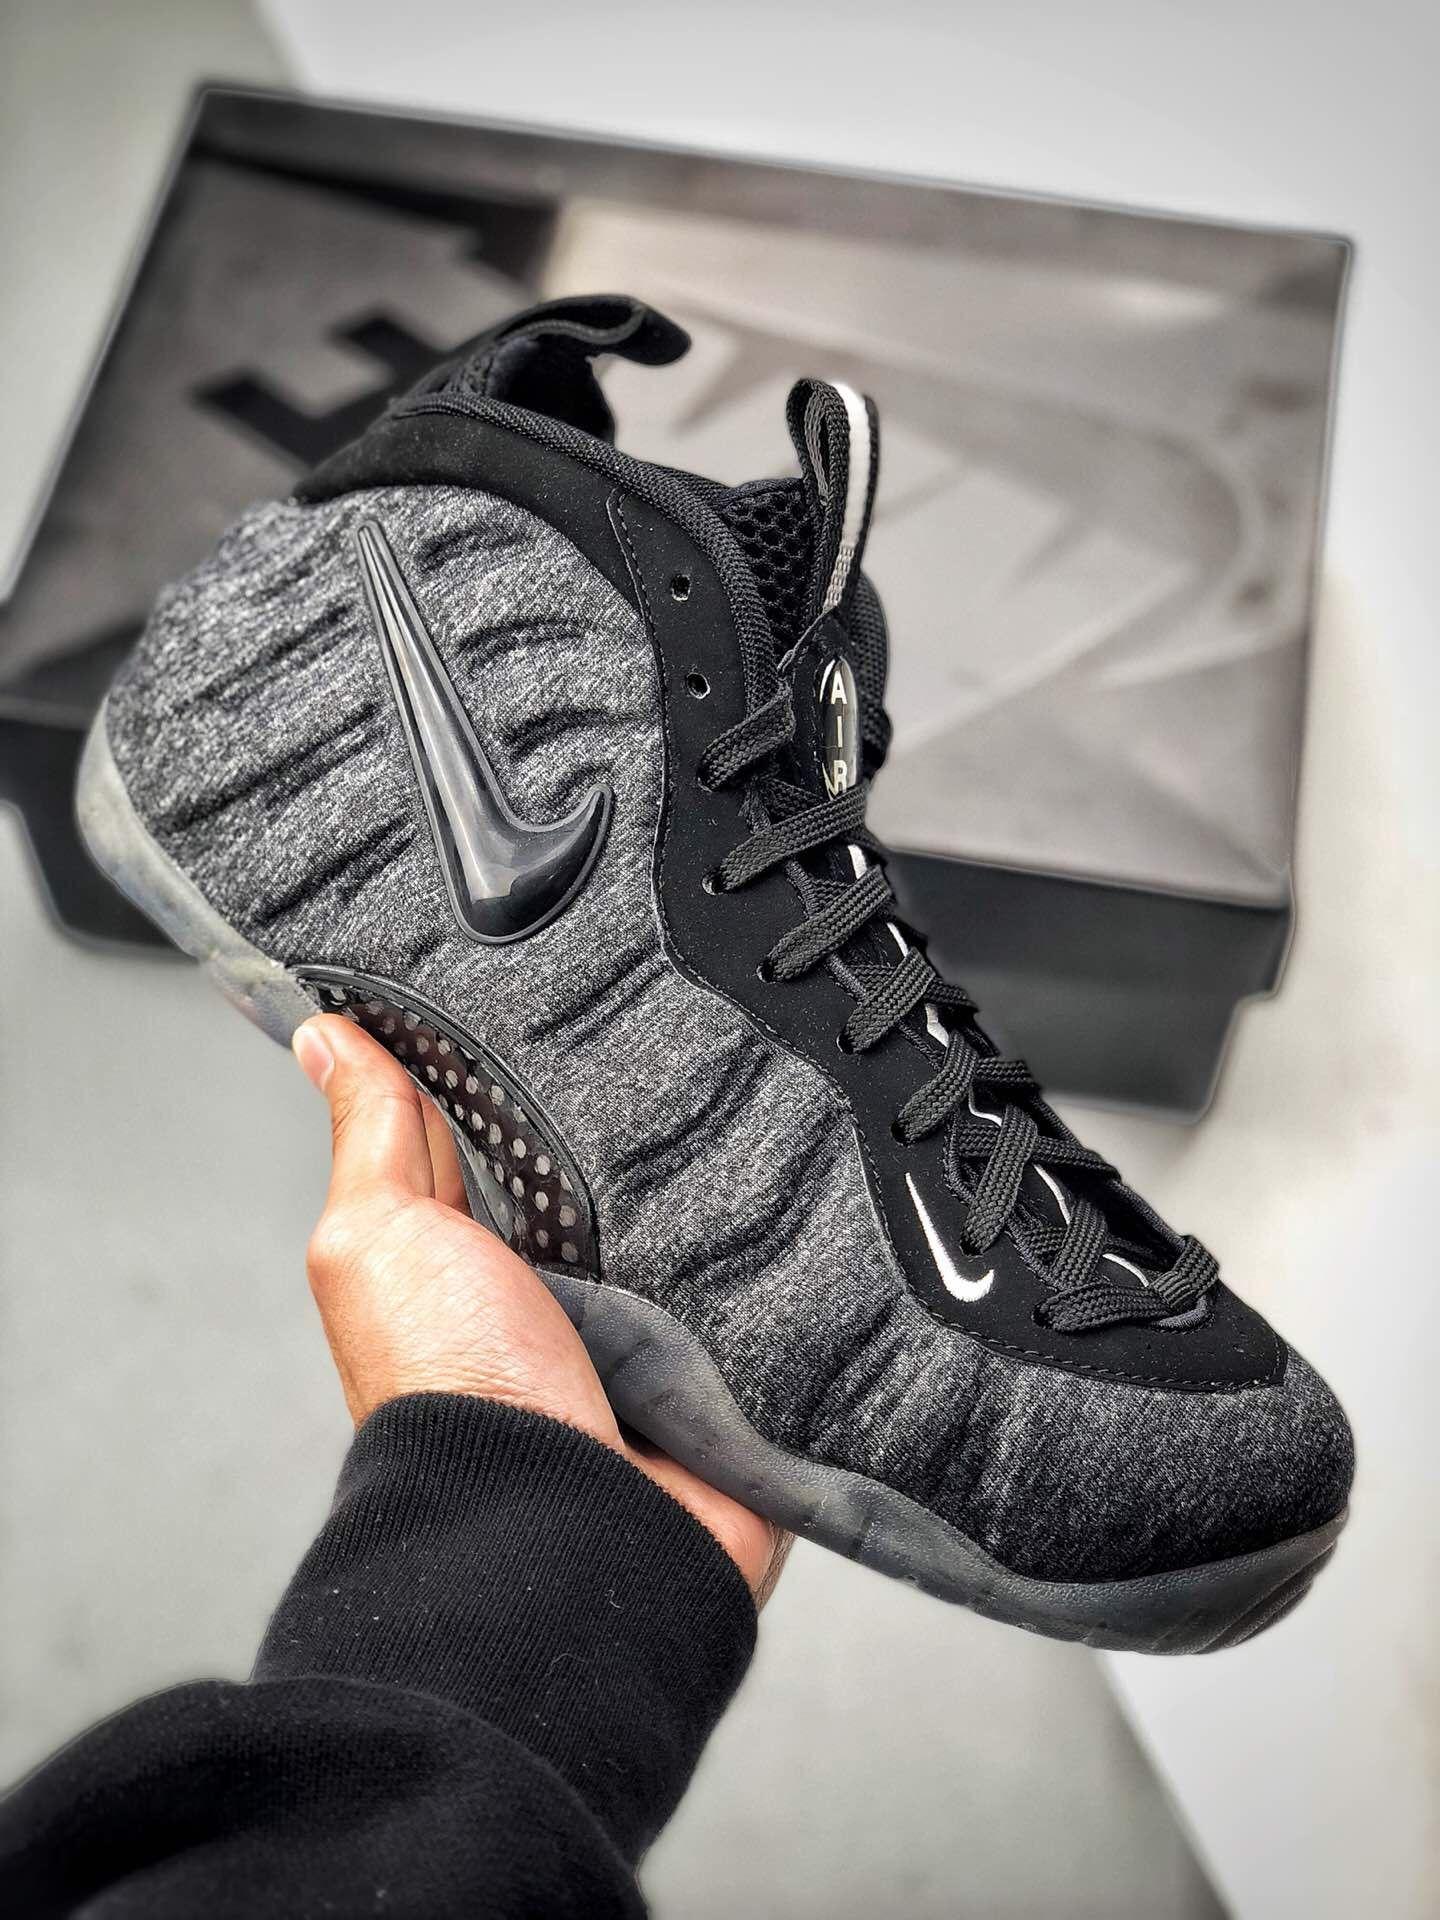 Nike Air Foamposite Pro PRM SneakersPinterest